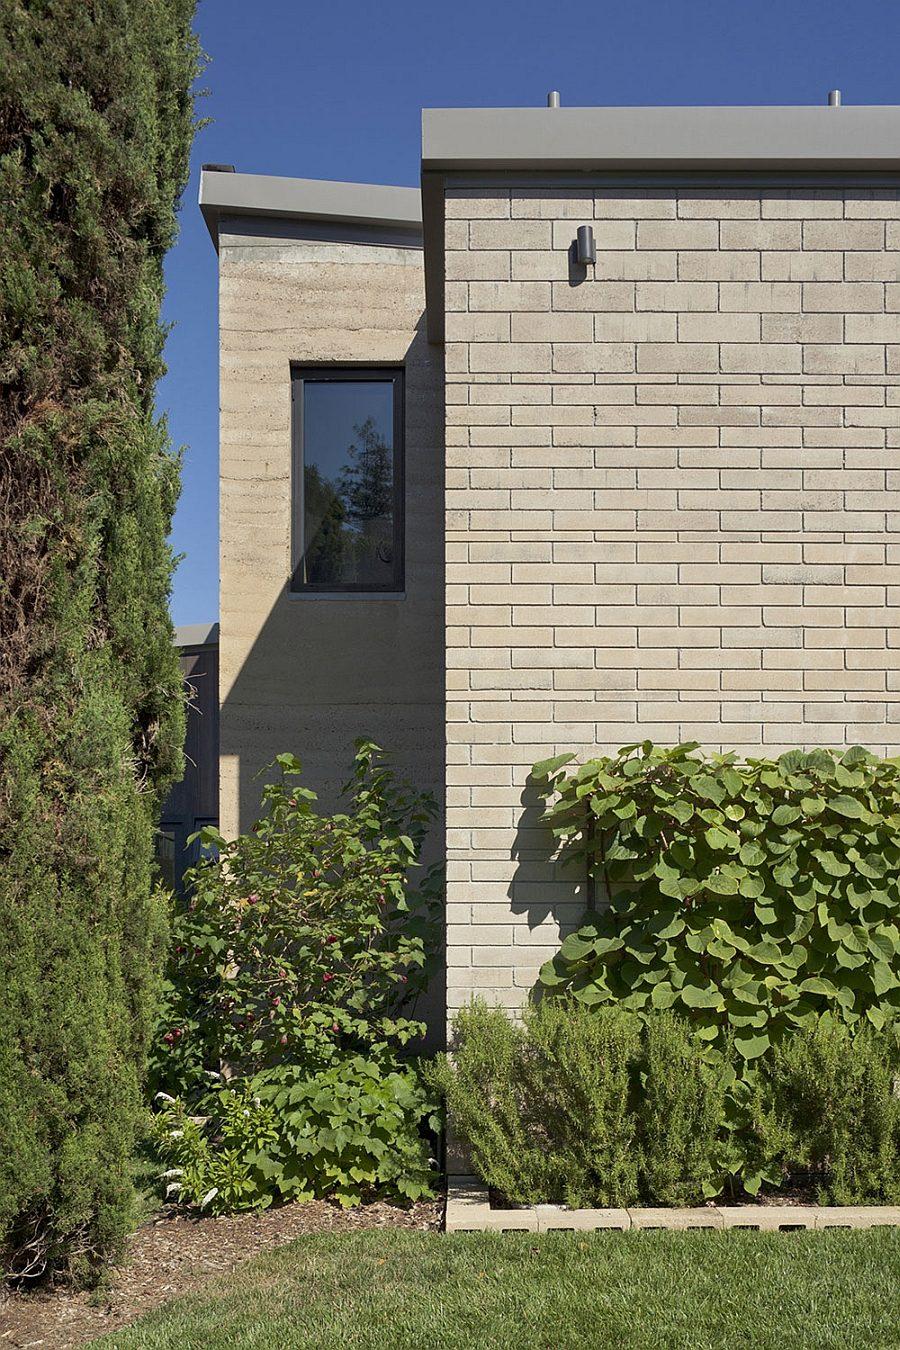 357 Ngôi nhà đơn giản và ấm cúng tại California qpdesign